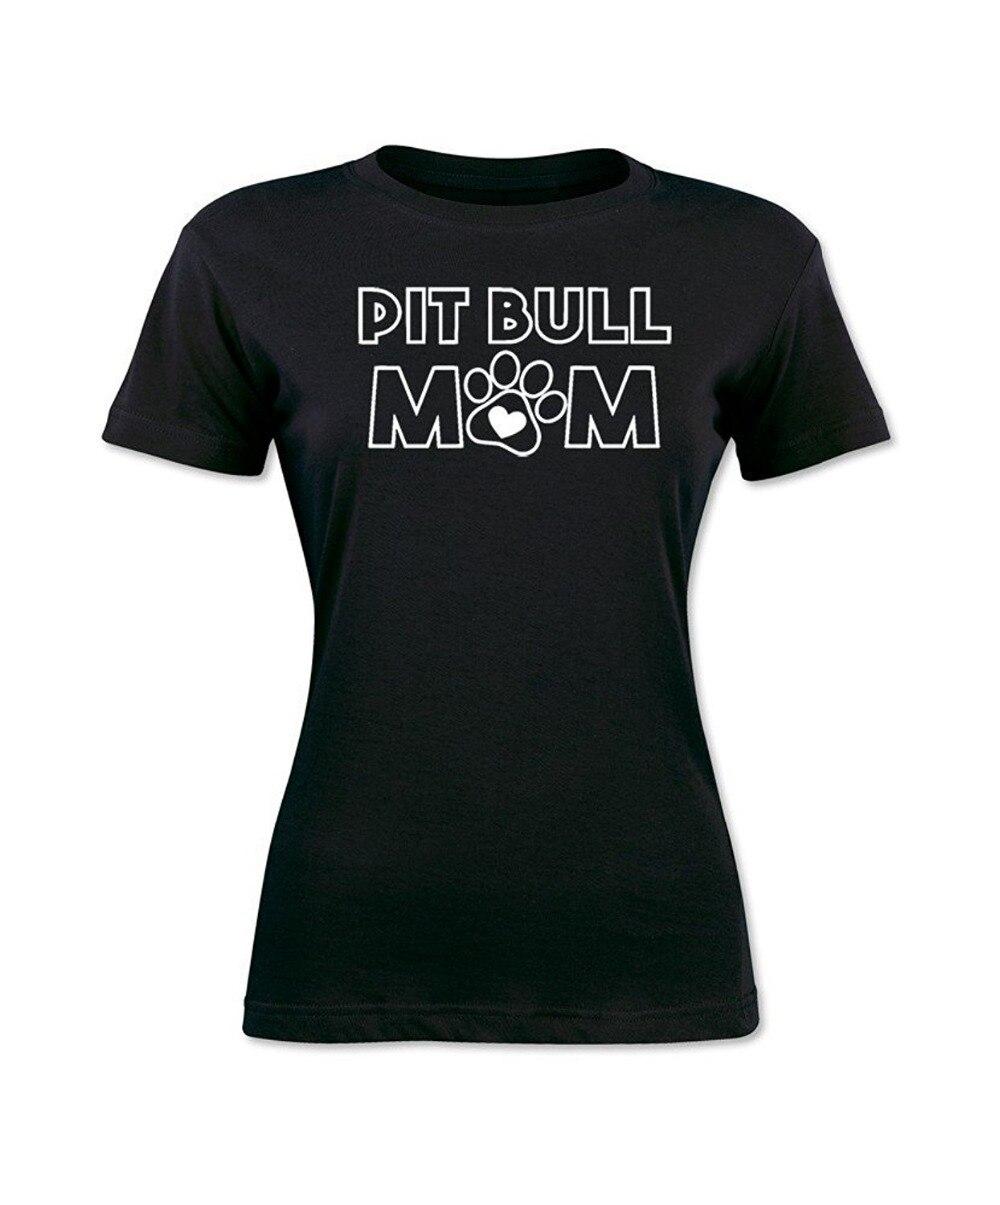 Возьмите Летний стиль 2017 г. женские футболки с коротким рукавом собака питбуль мама милые Для женщин Футболка Высокое качество Повседневна...